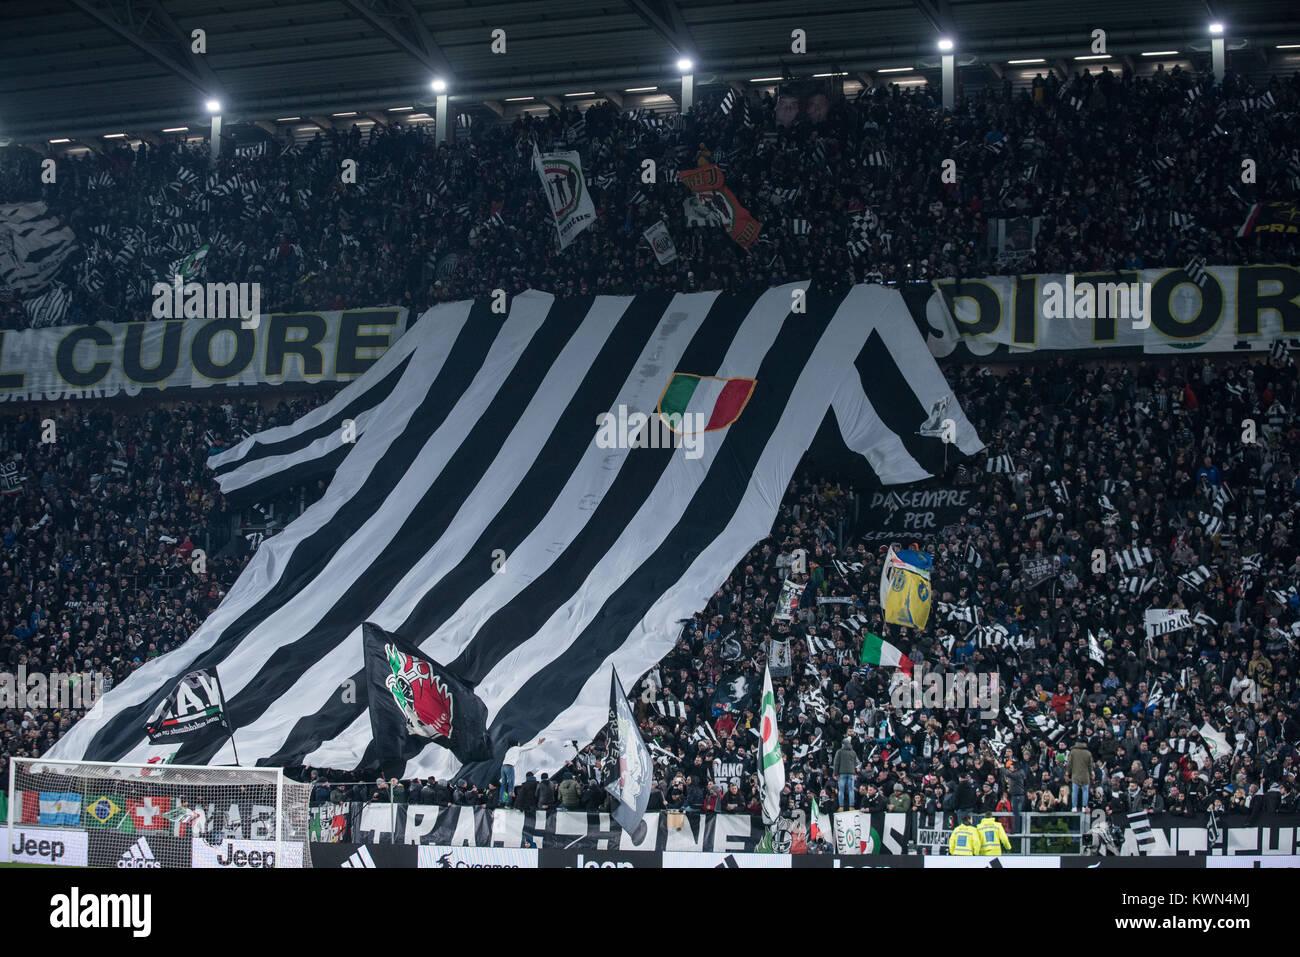 0eafd01450 Juventus supporter during the Tim Cup football match Juventus FC vs Torino  FC. Juventus won 3-0 in Turin